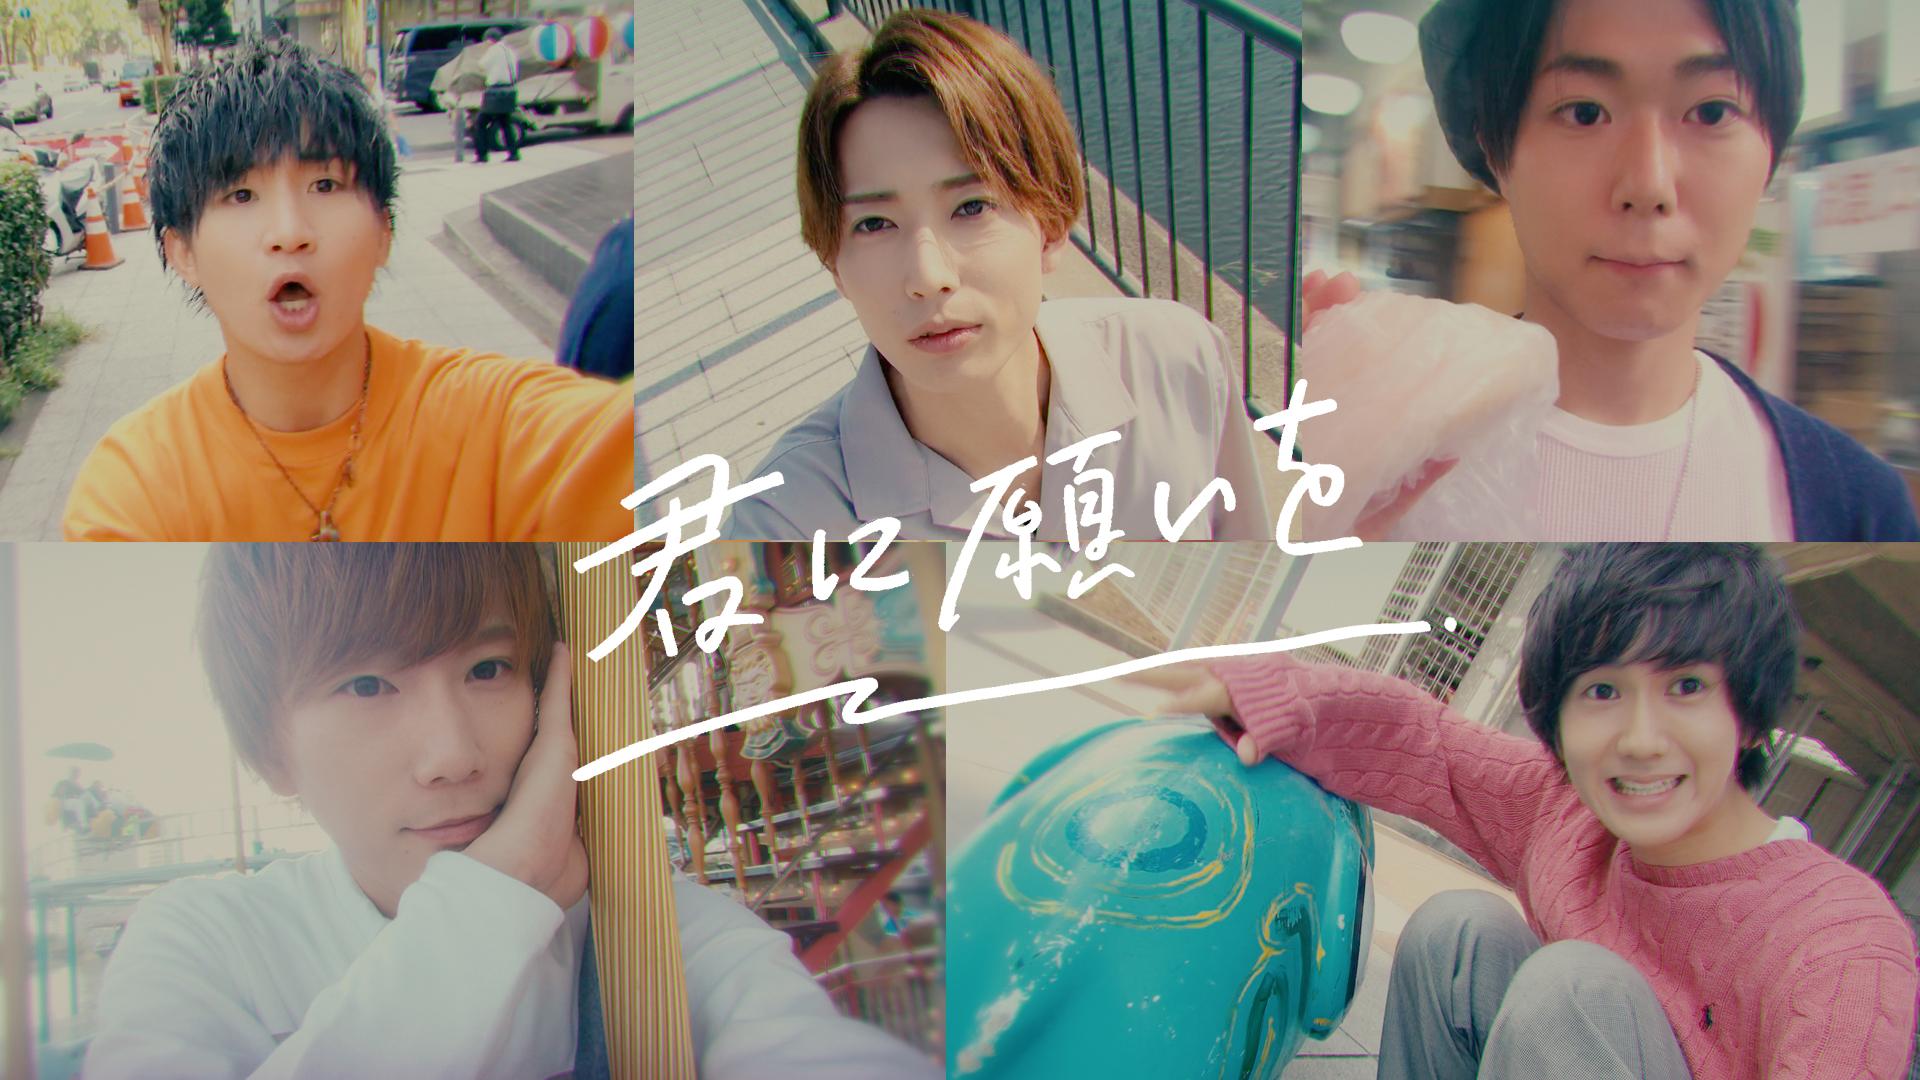 ☆★新曲「君に願いを」ミュージックビデオ公開&1000RT/いいね拡散キャンペーン実施☆★